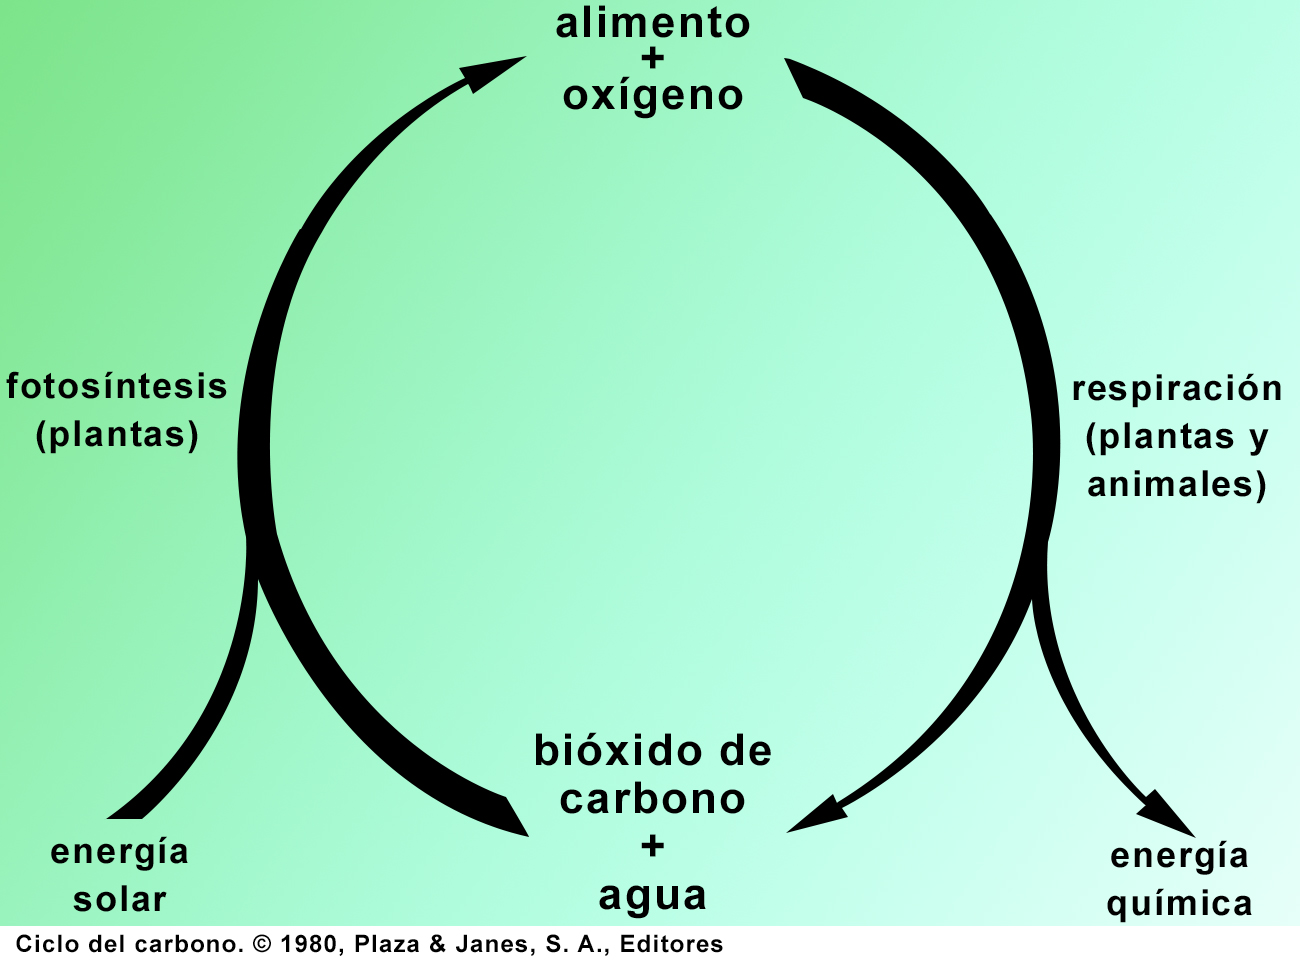 ciclo_carbono_1